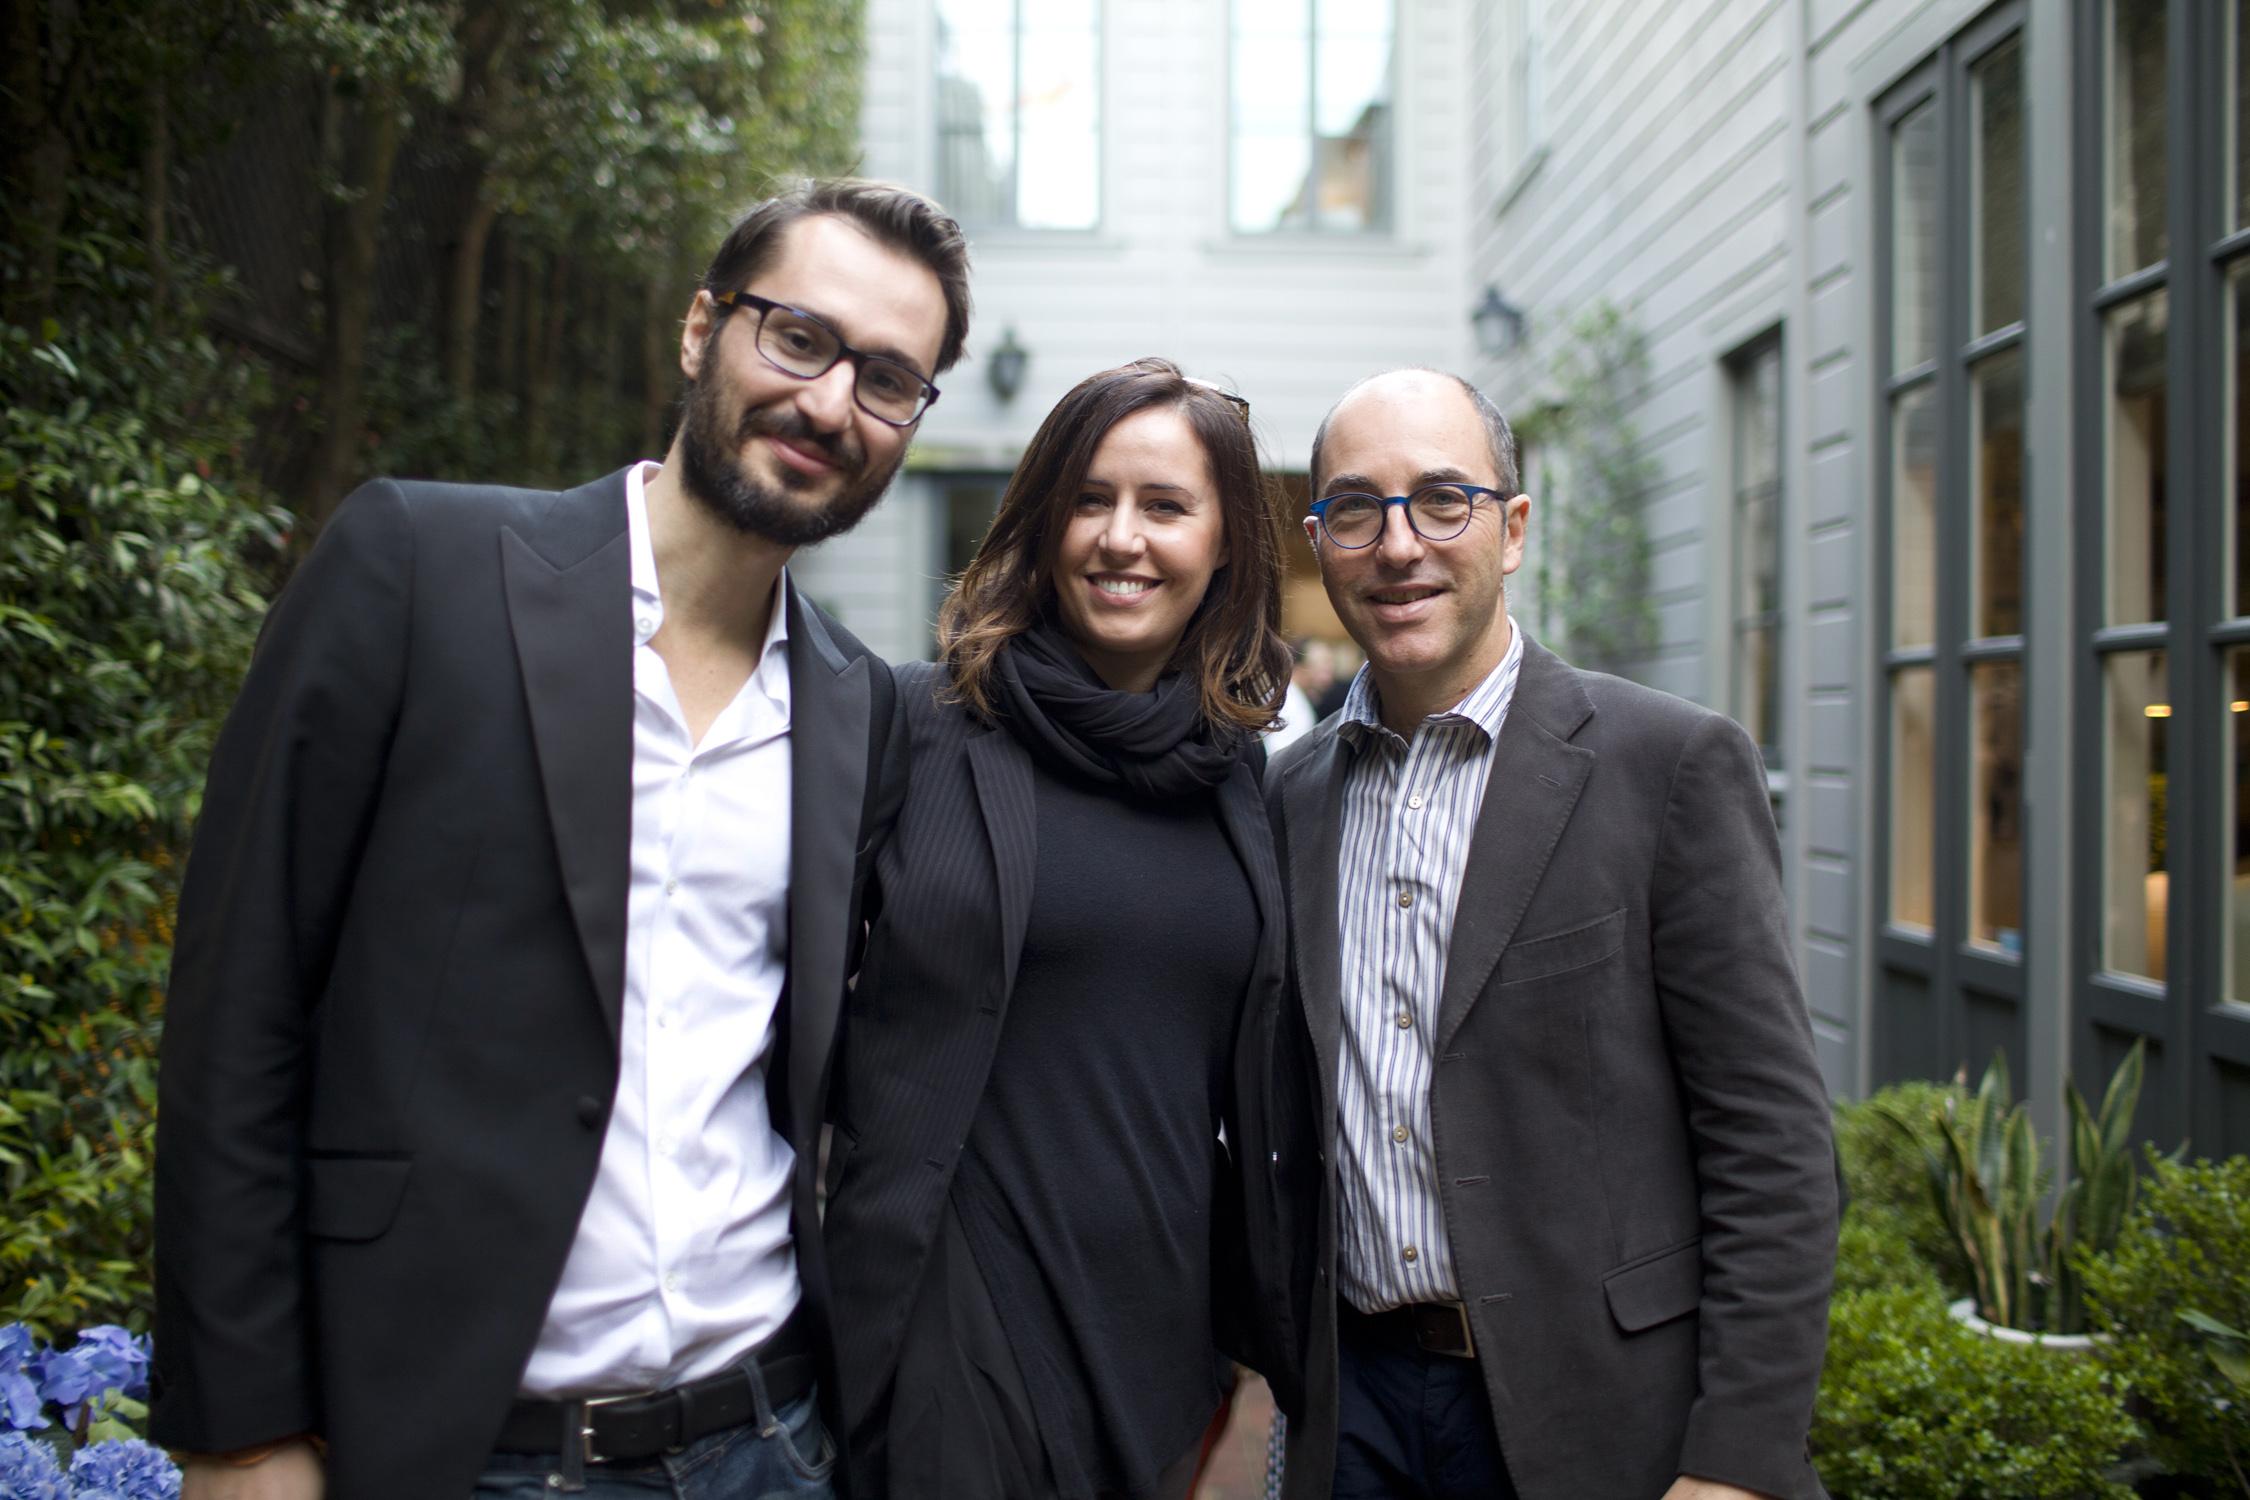 Filmmakers Matteo Bini, Alessia Scarso & Marco Pontecorvo